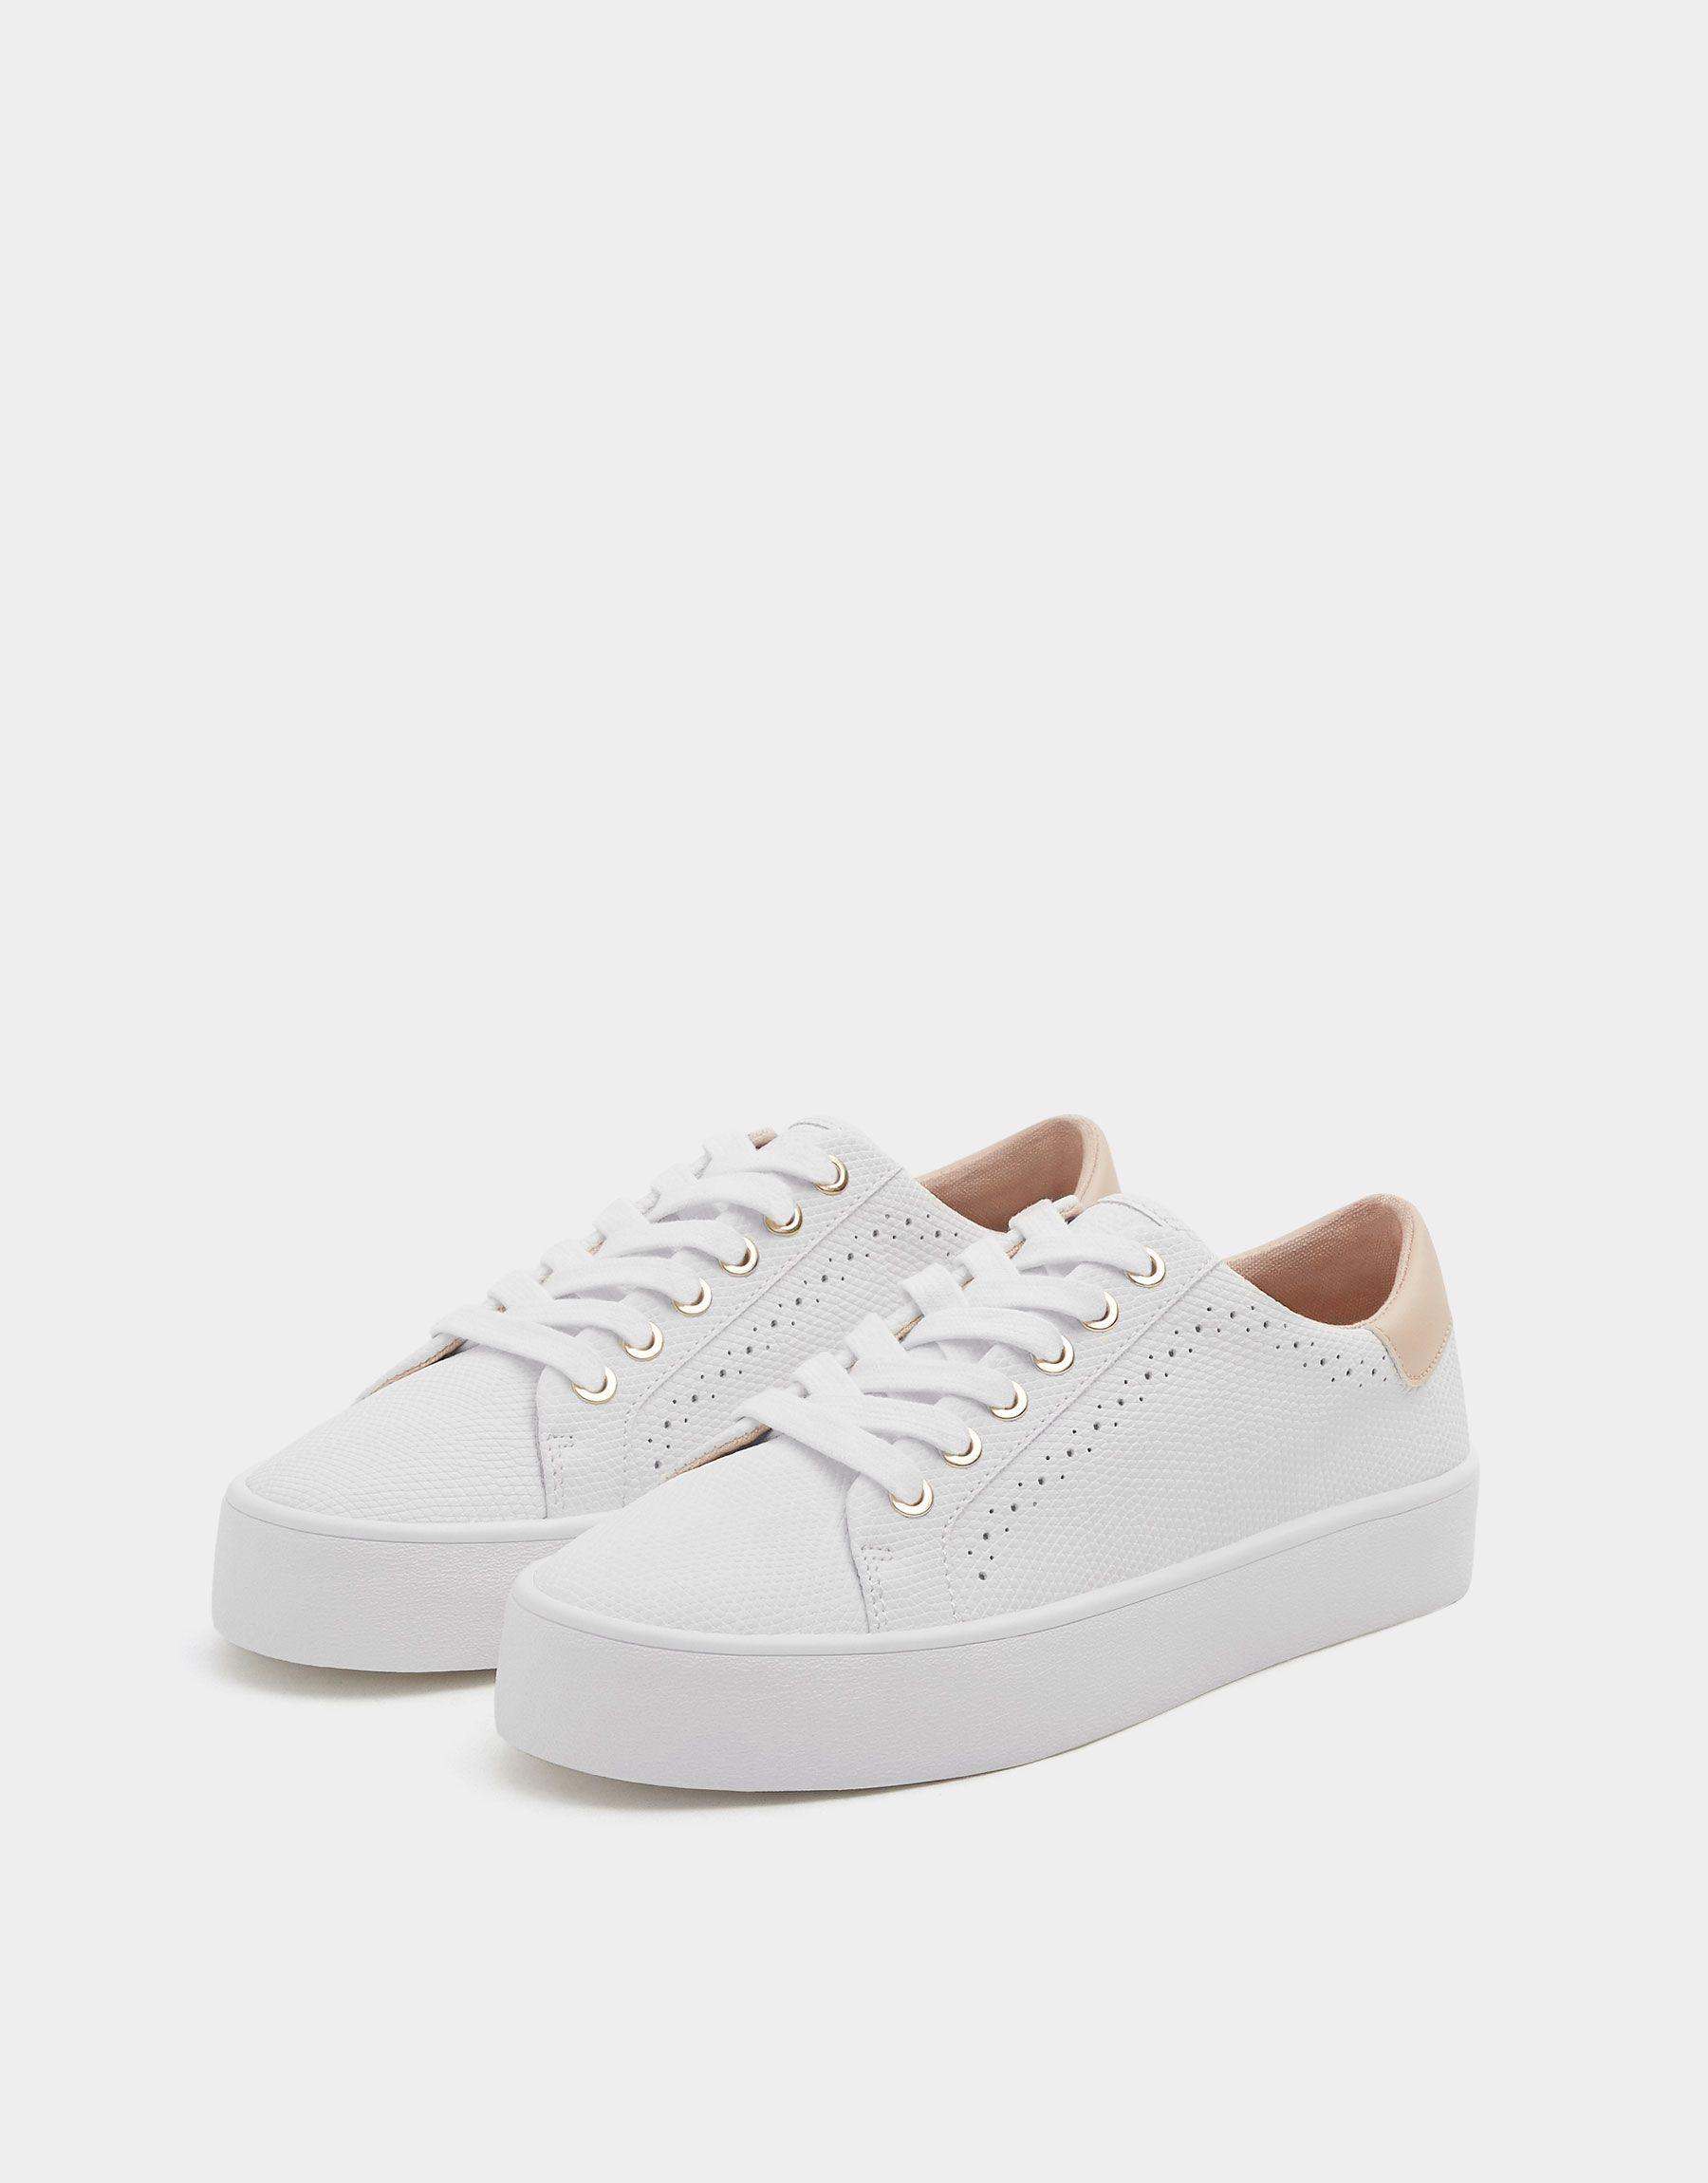 Bamba blanca grabada grabada grabada picados Ver todo Zapatos Mujer 89934d